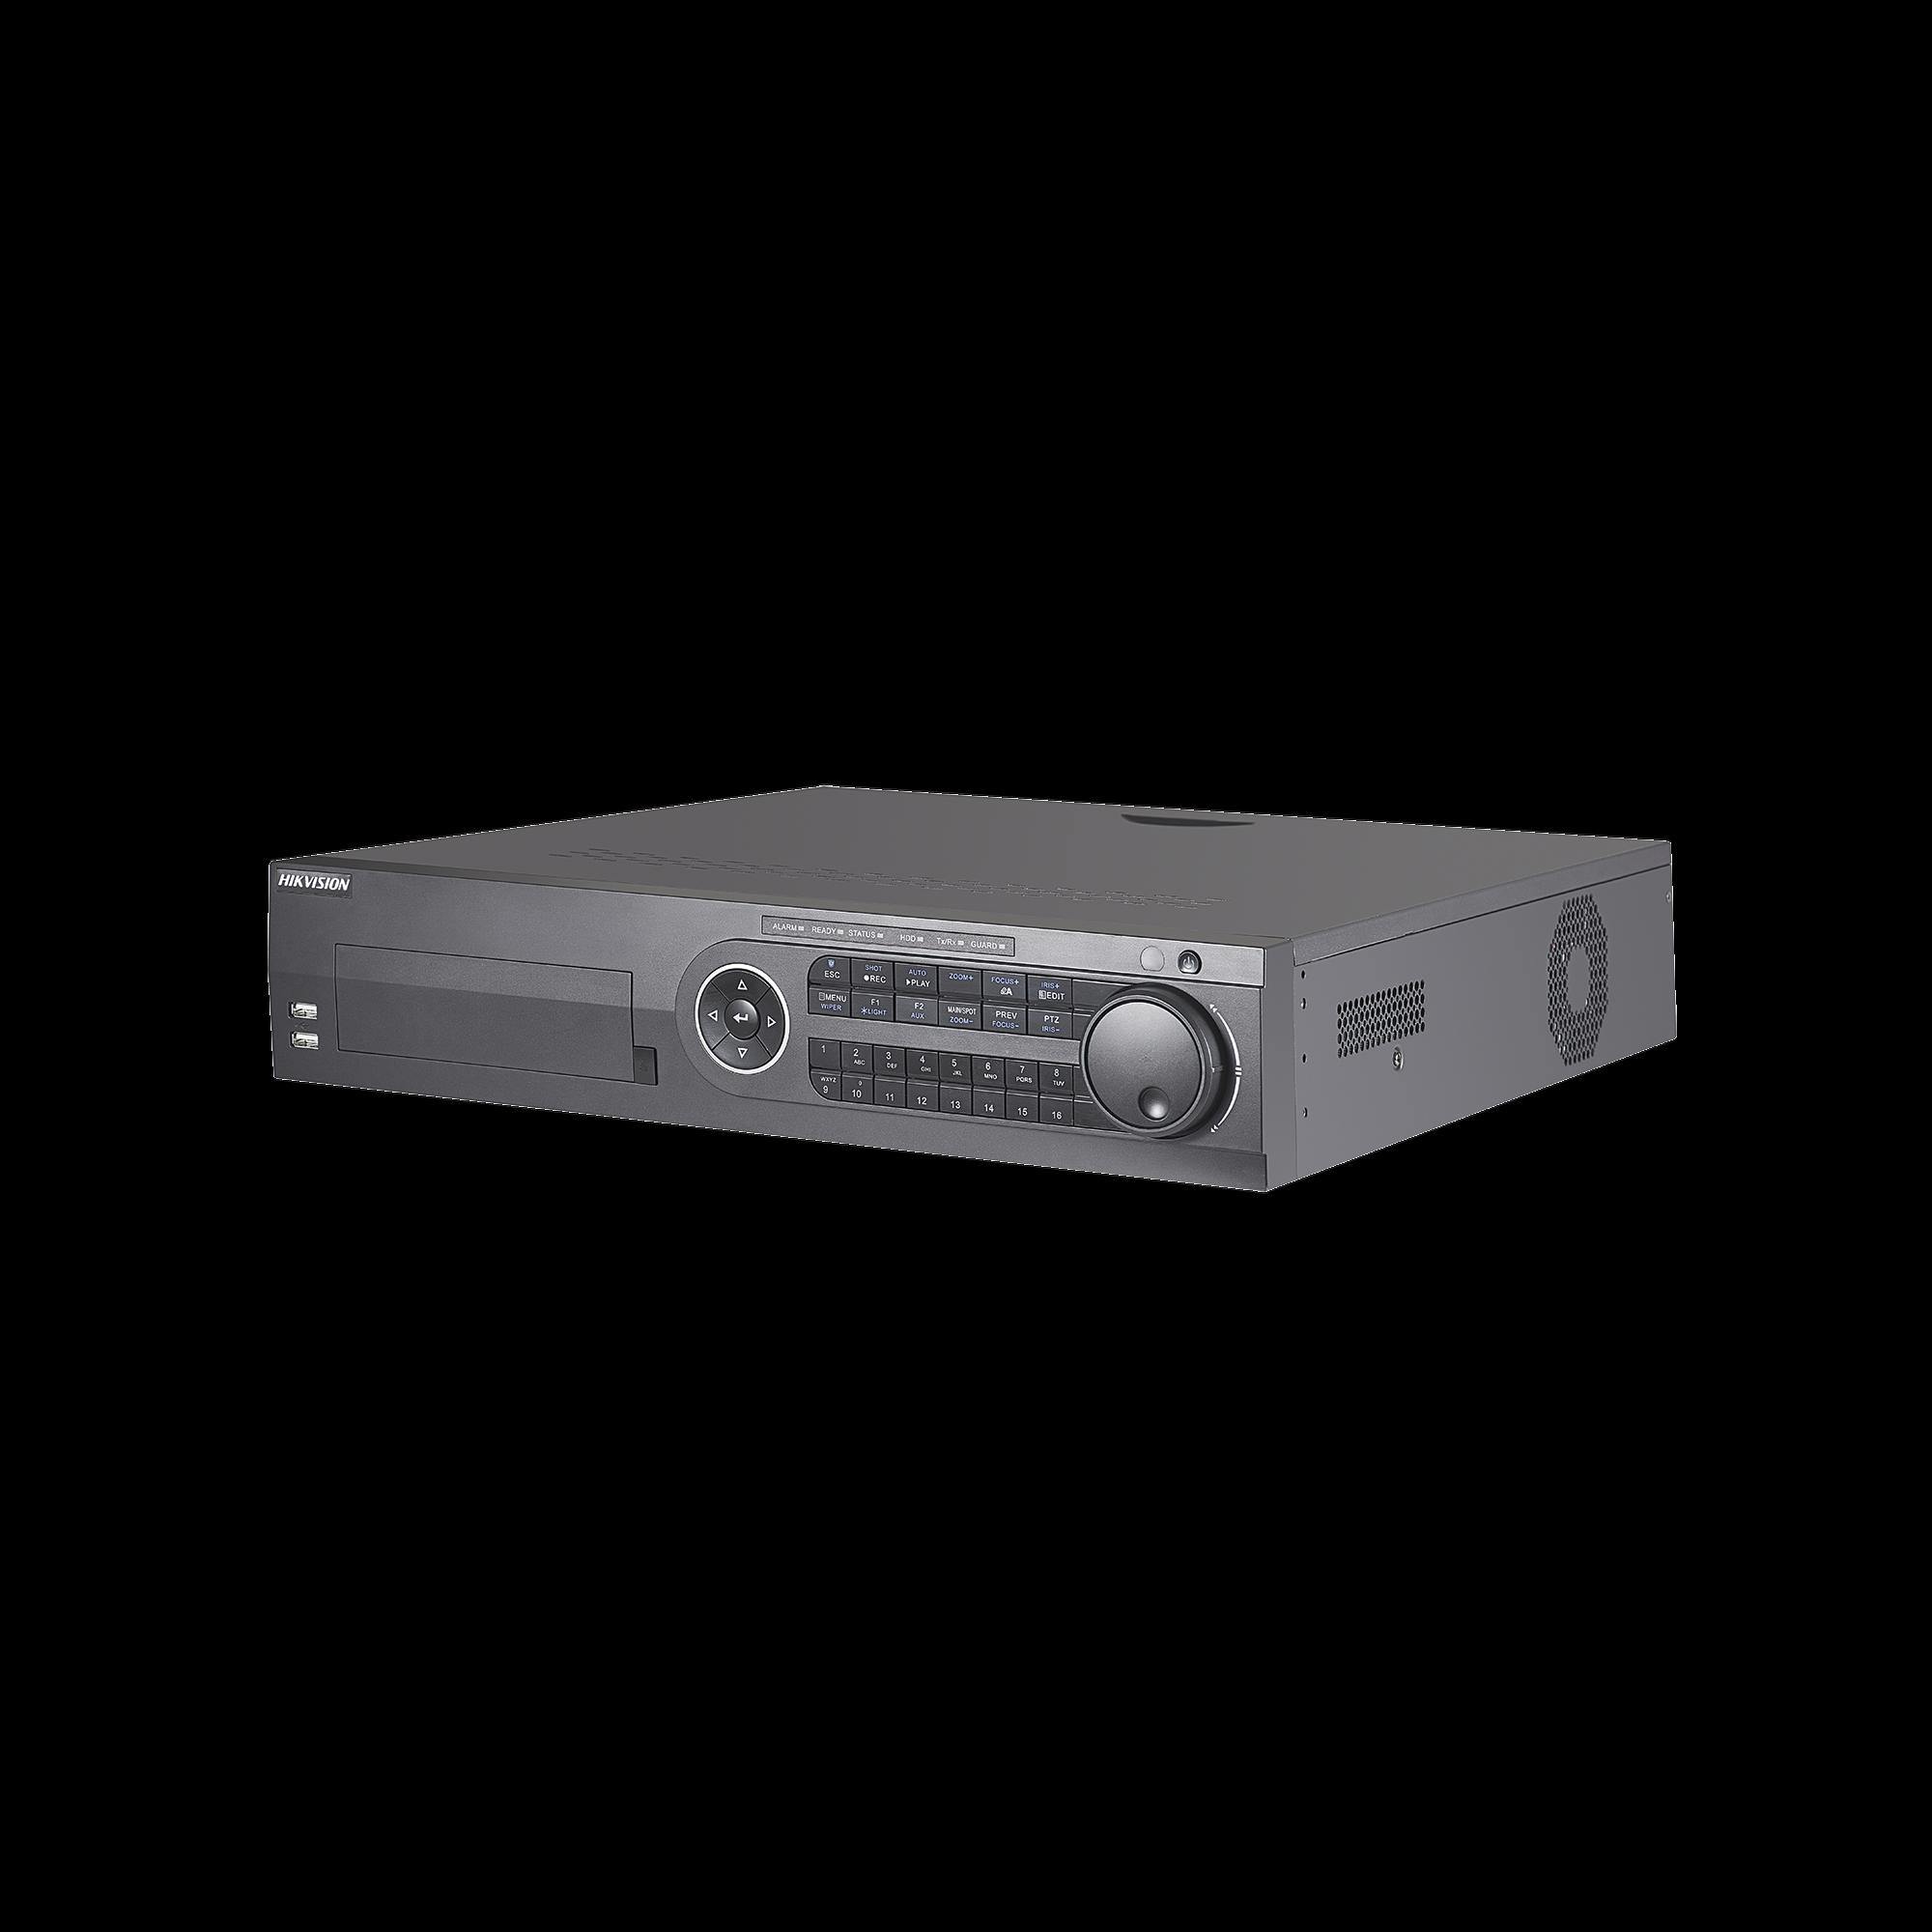 DVR 8 Megapixel / 24 Canales TURBOHD + 16 Canales IP / 8 Bahias de Disco Duro / Arreglo RAID / 16 canales de Audio / 16 Entradas de Alarma